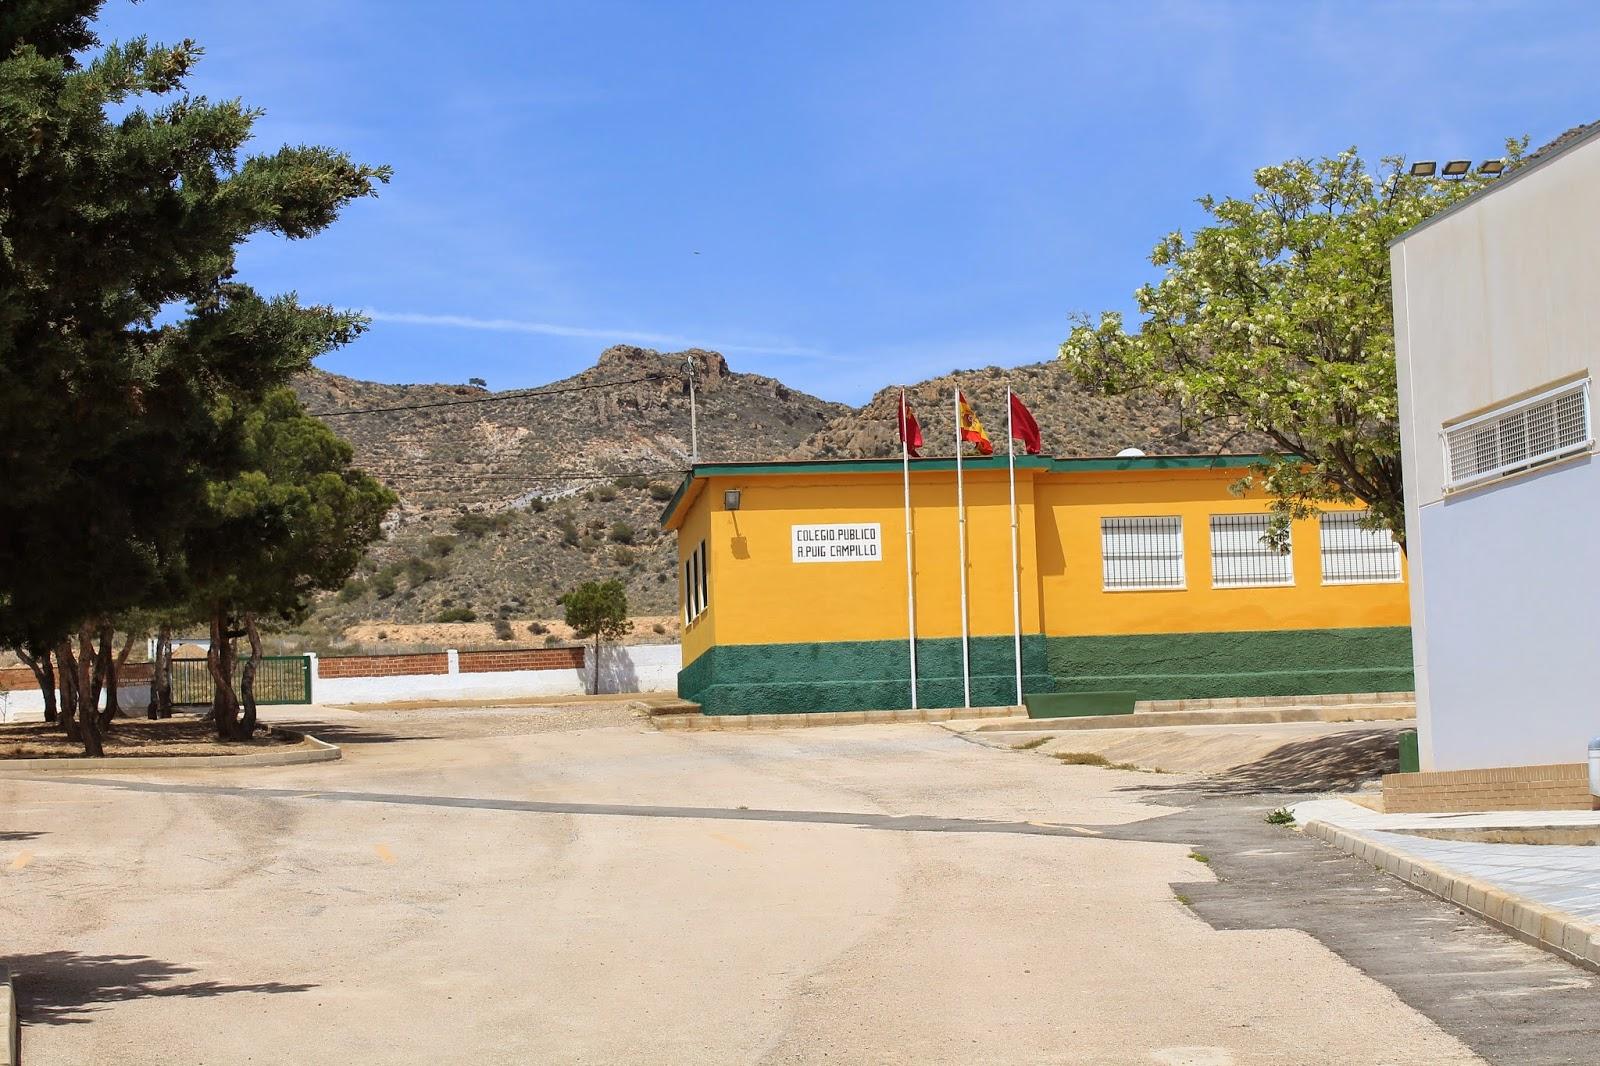 A diez minutos del centro 120 cartagena isla plana - Residencial isla tabarca ...